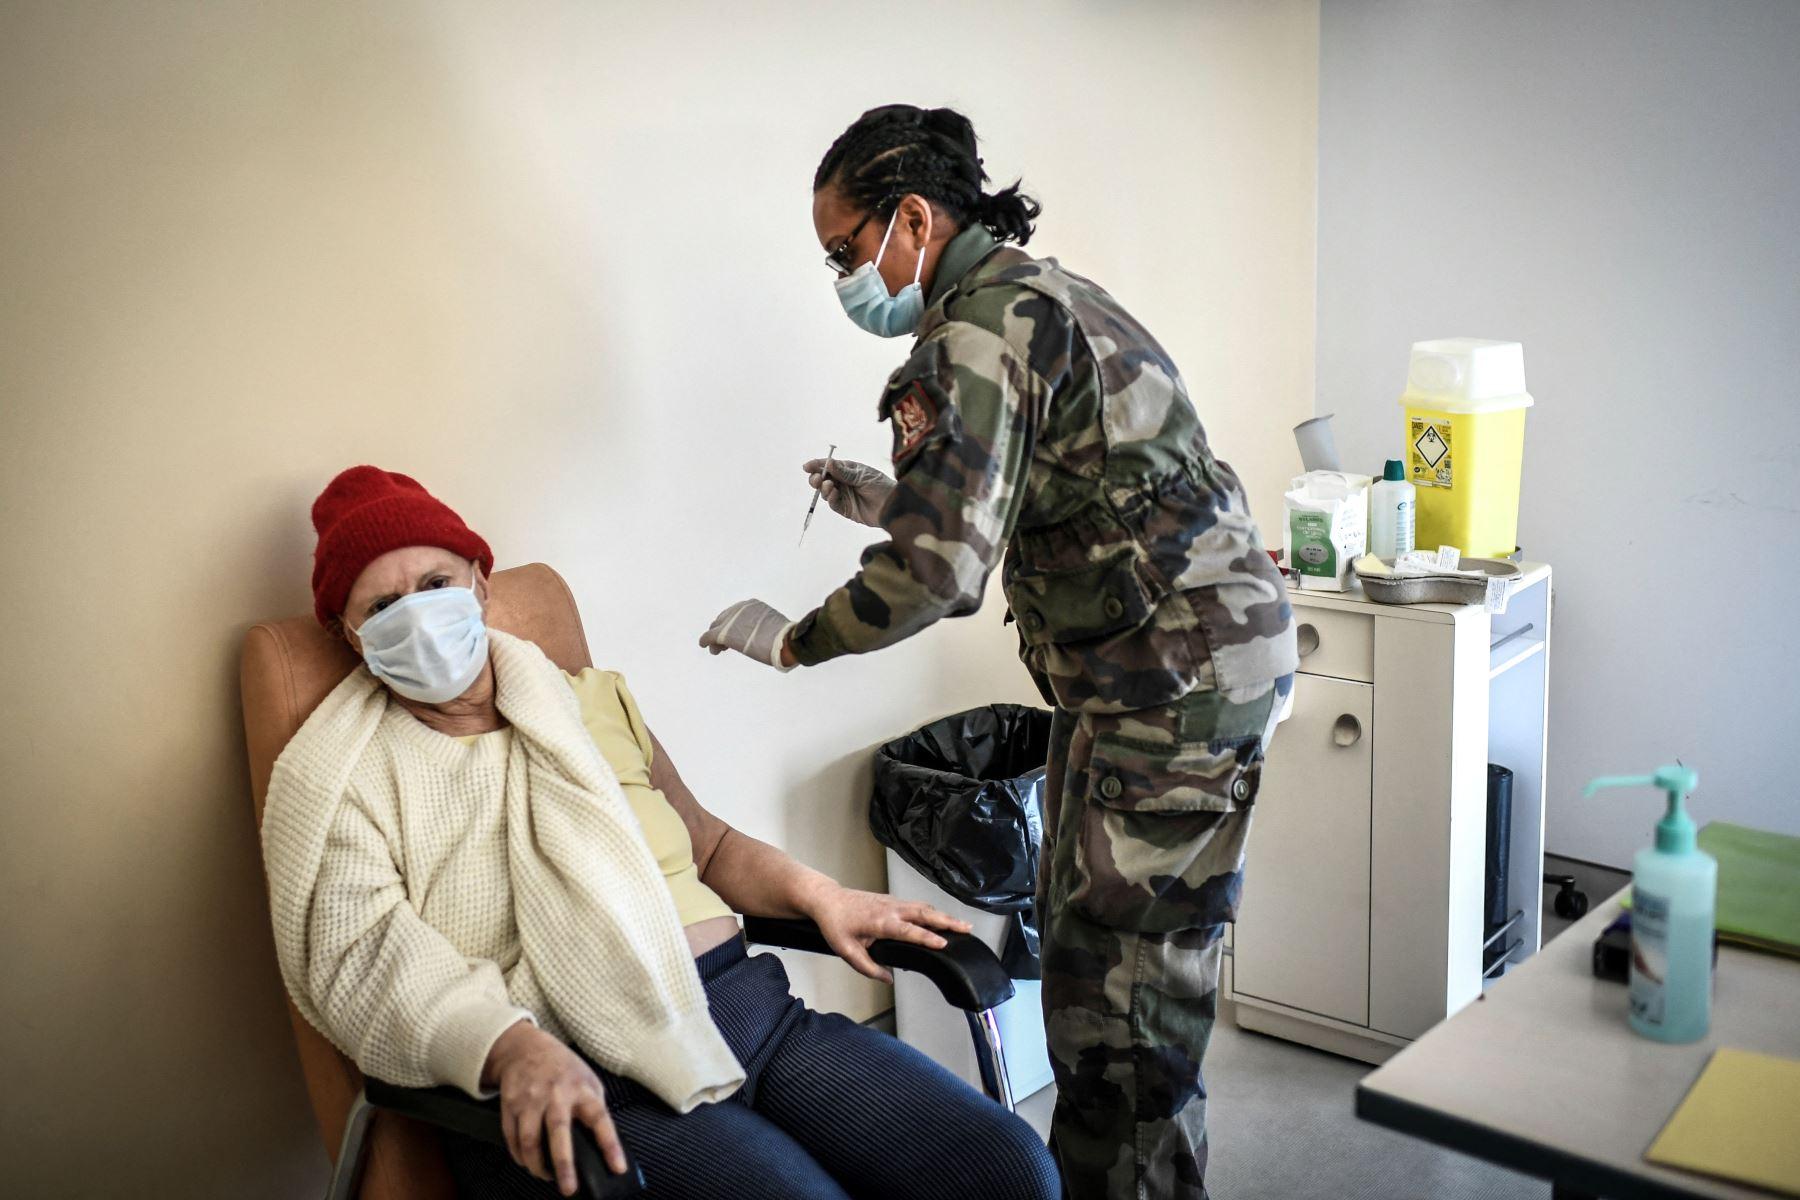 Una mujer se prepara para recibir una dosis de la vacuna Pfizer-BioNTech contra el Covid-19 en el hospital militar Begin en Saint-Mande, al este de París, el 07 de abril del 2021. Foto: AFP